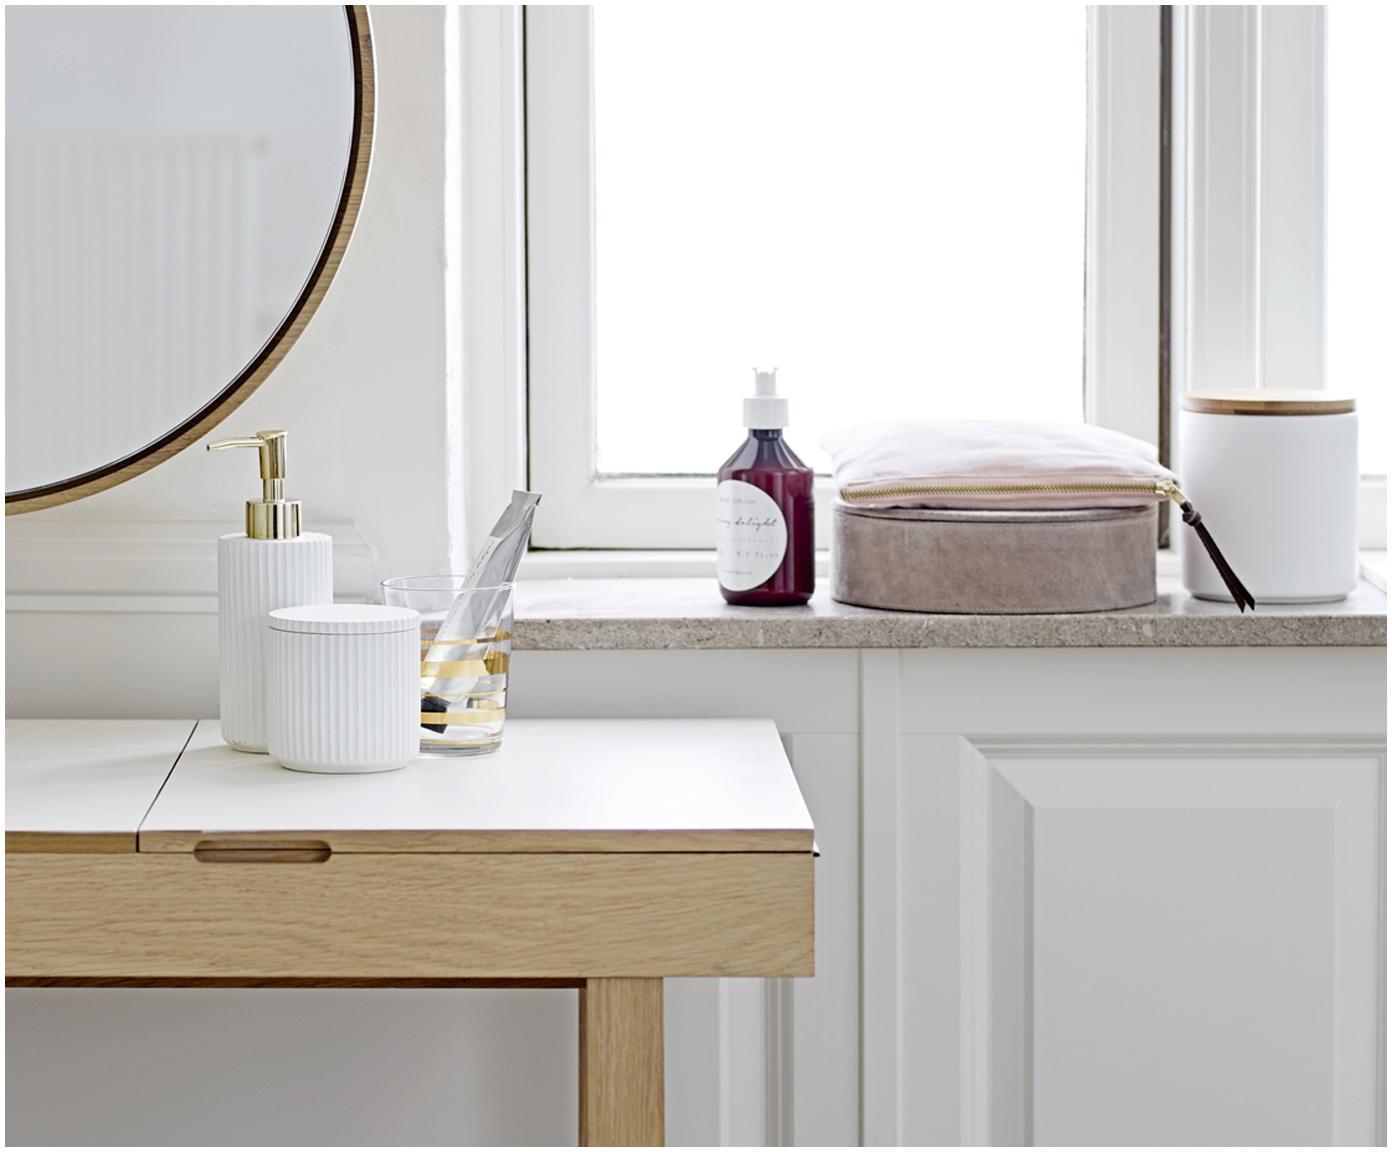 Pojemnik do przechowywania Alessia, Porcelana, Biały, Ø 9 x W 9 cm